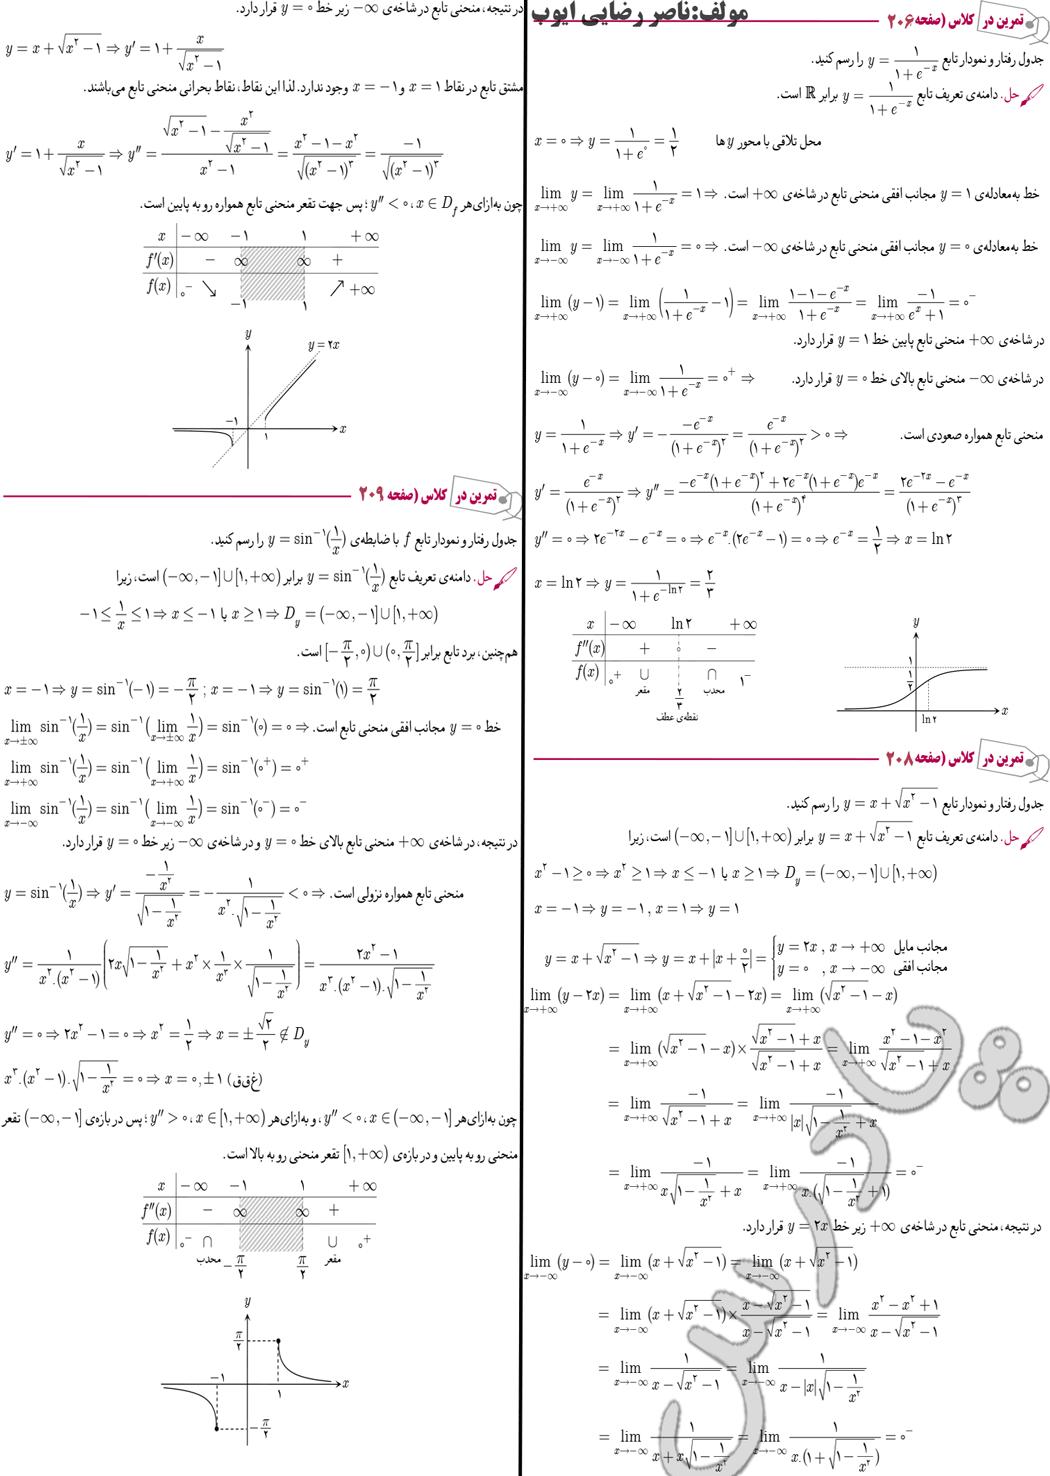 حل تمرین در کلاس صفحه 206 تا 209 دیفرانسیل پیش دانشگاهی